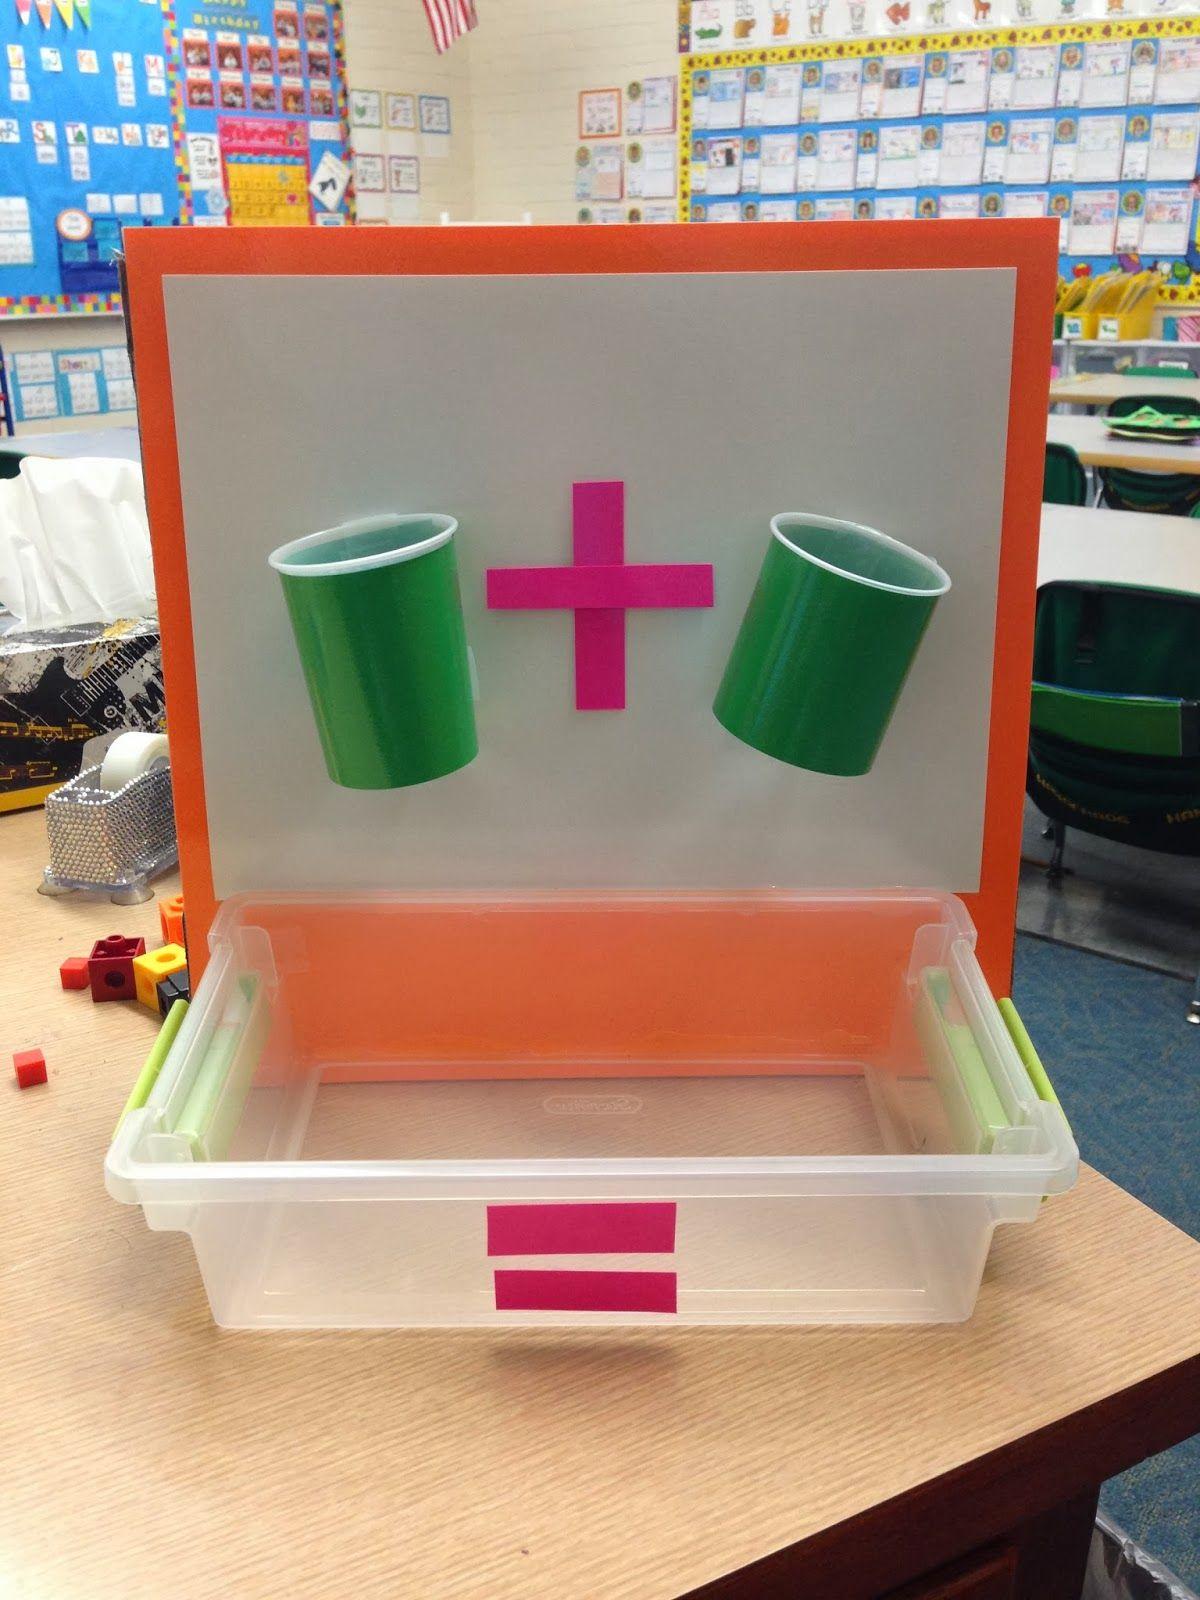 a3417ef323f03933efaaebb41aa28a6f - Addition Activities For Kindergarten